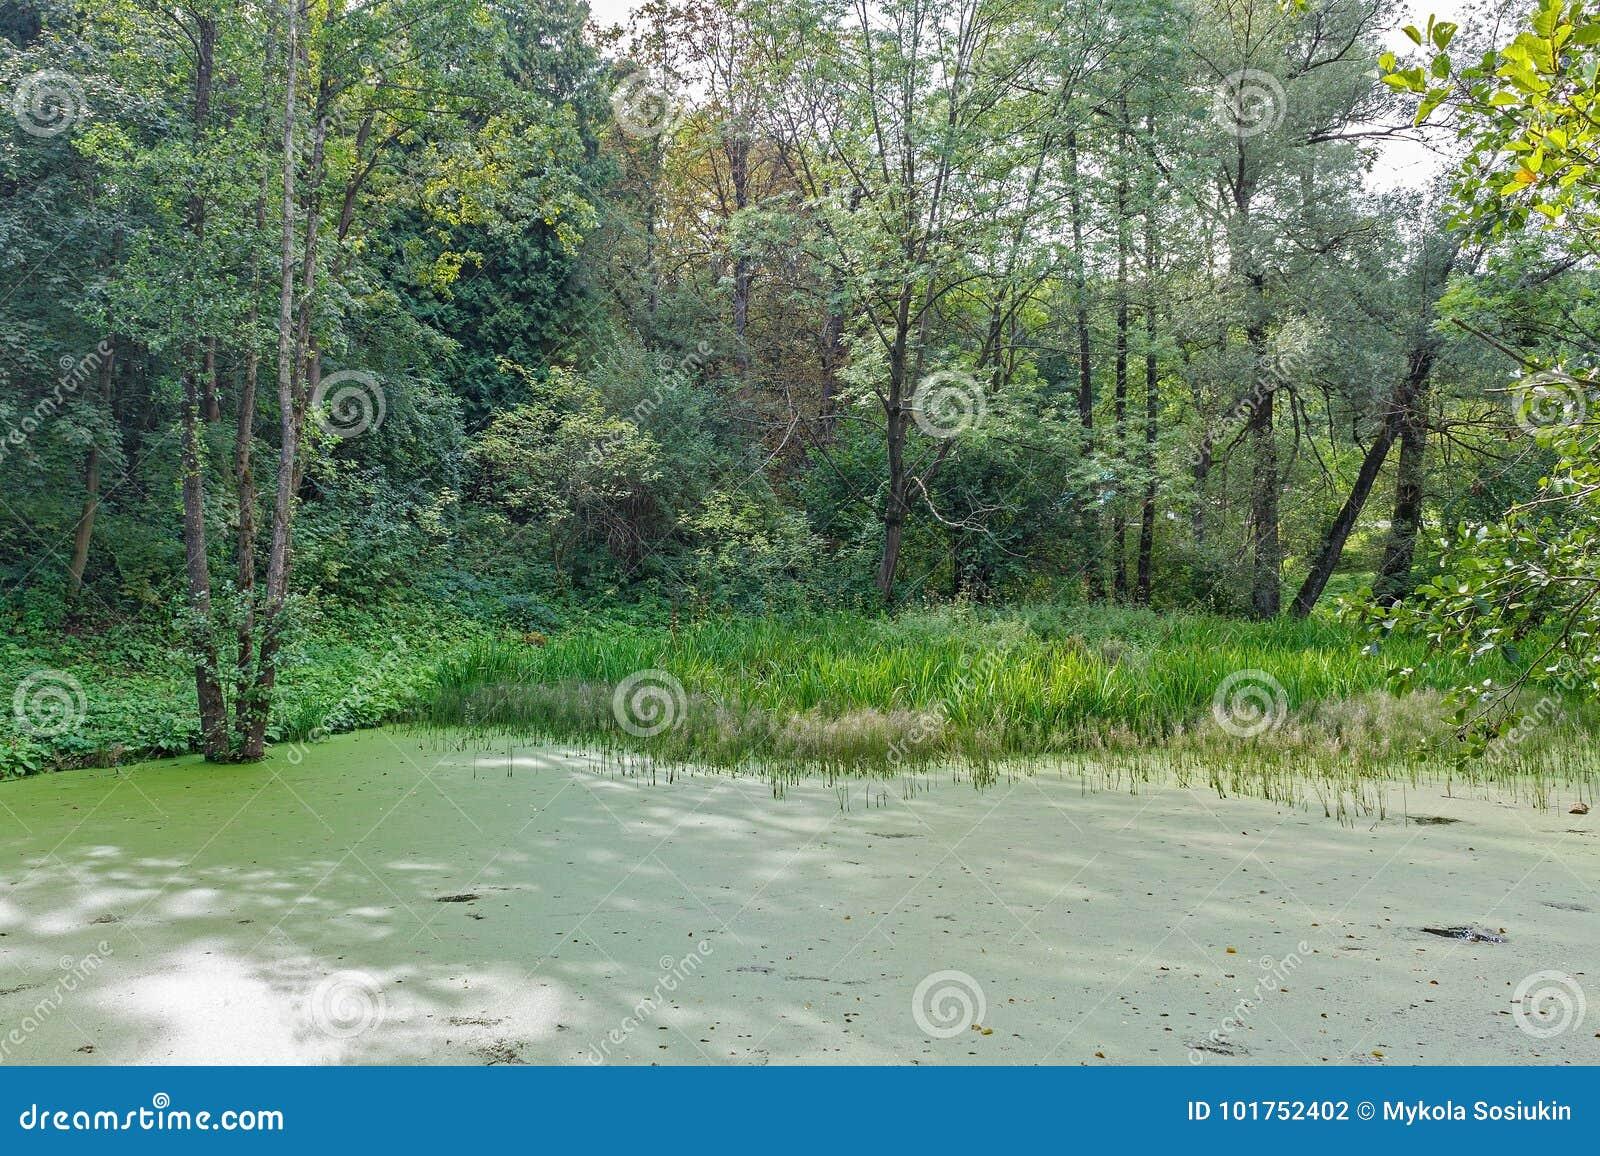 Πολύβλαστο πράσινο έλος και τροπική δασική σκηνή Ο ήλιος οξύνει μέσω του παχιού φυλλώματος για να αποκαλύψει ένα πανέμορφο φυσικό